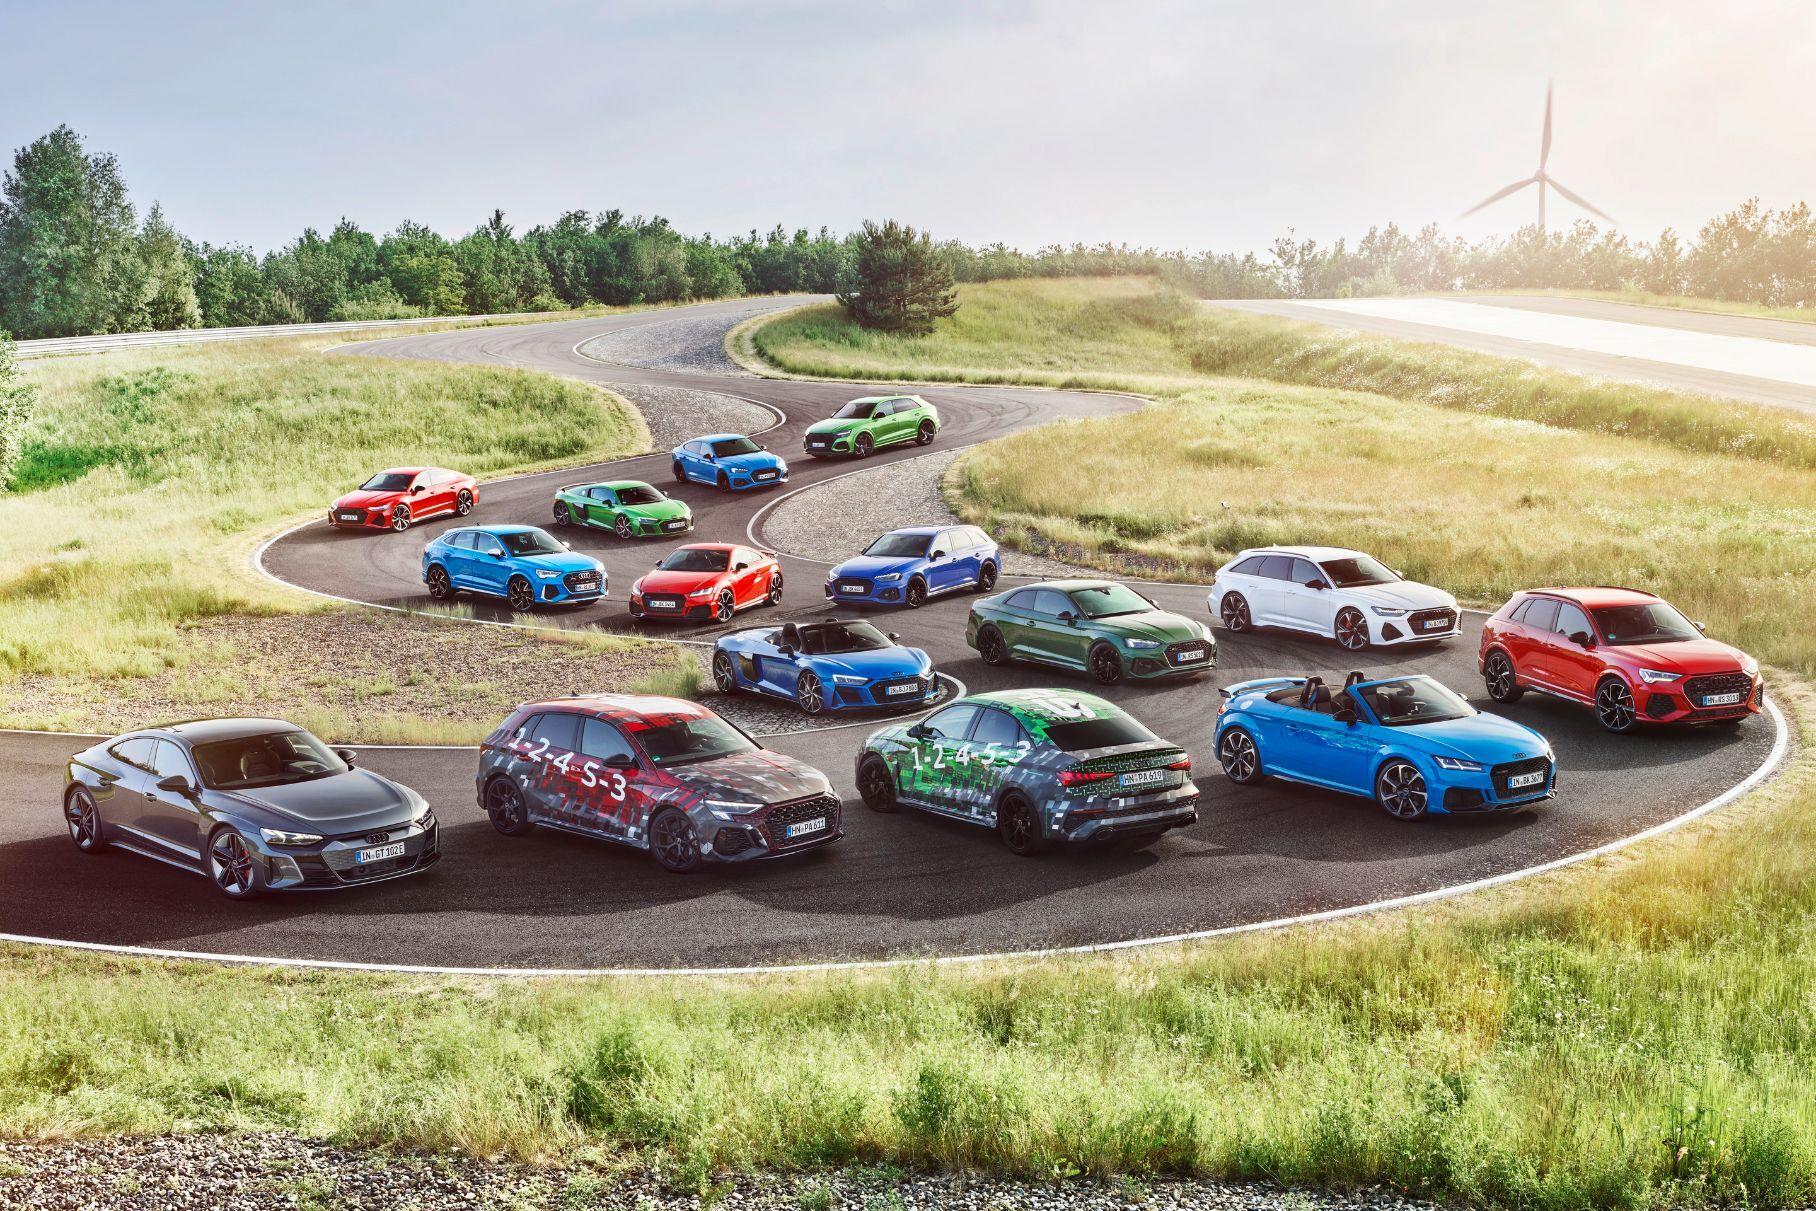 Audi RS3 нового поколения показали на видео. Это первый публичный дебют будущей модели